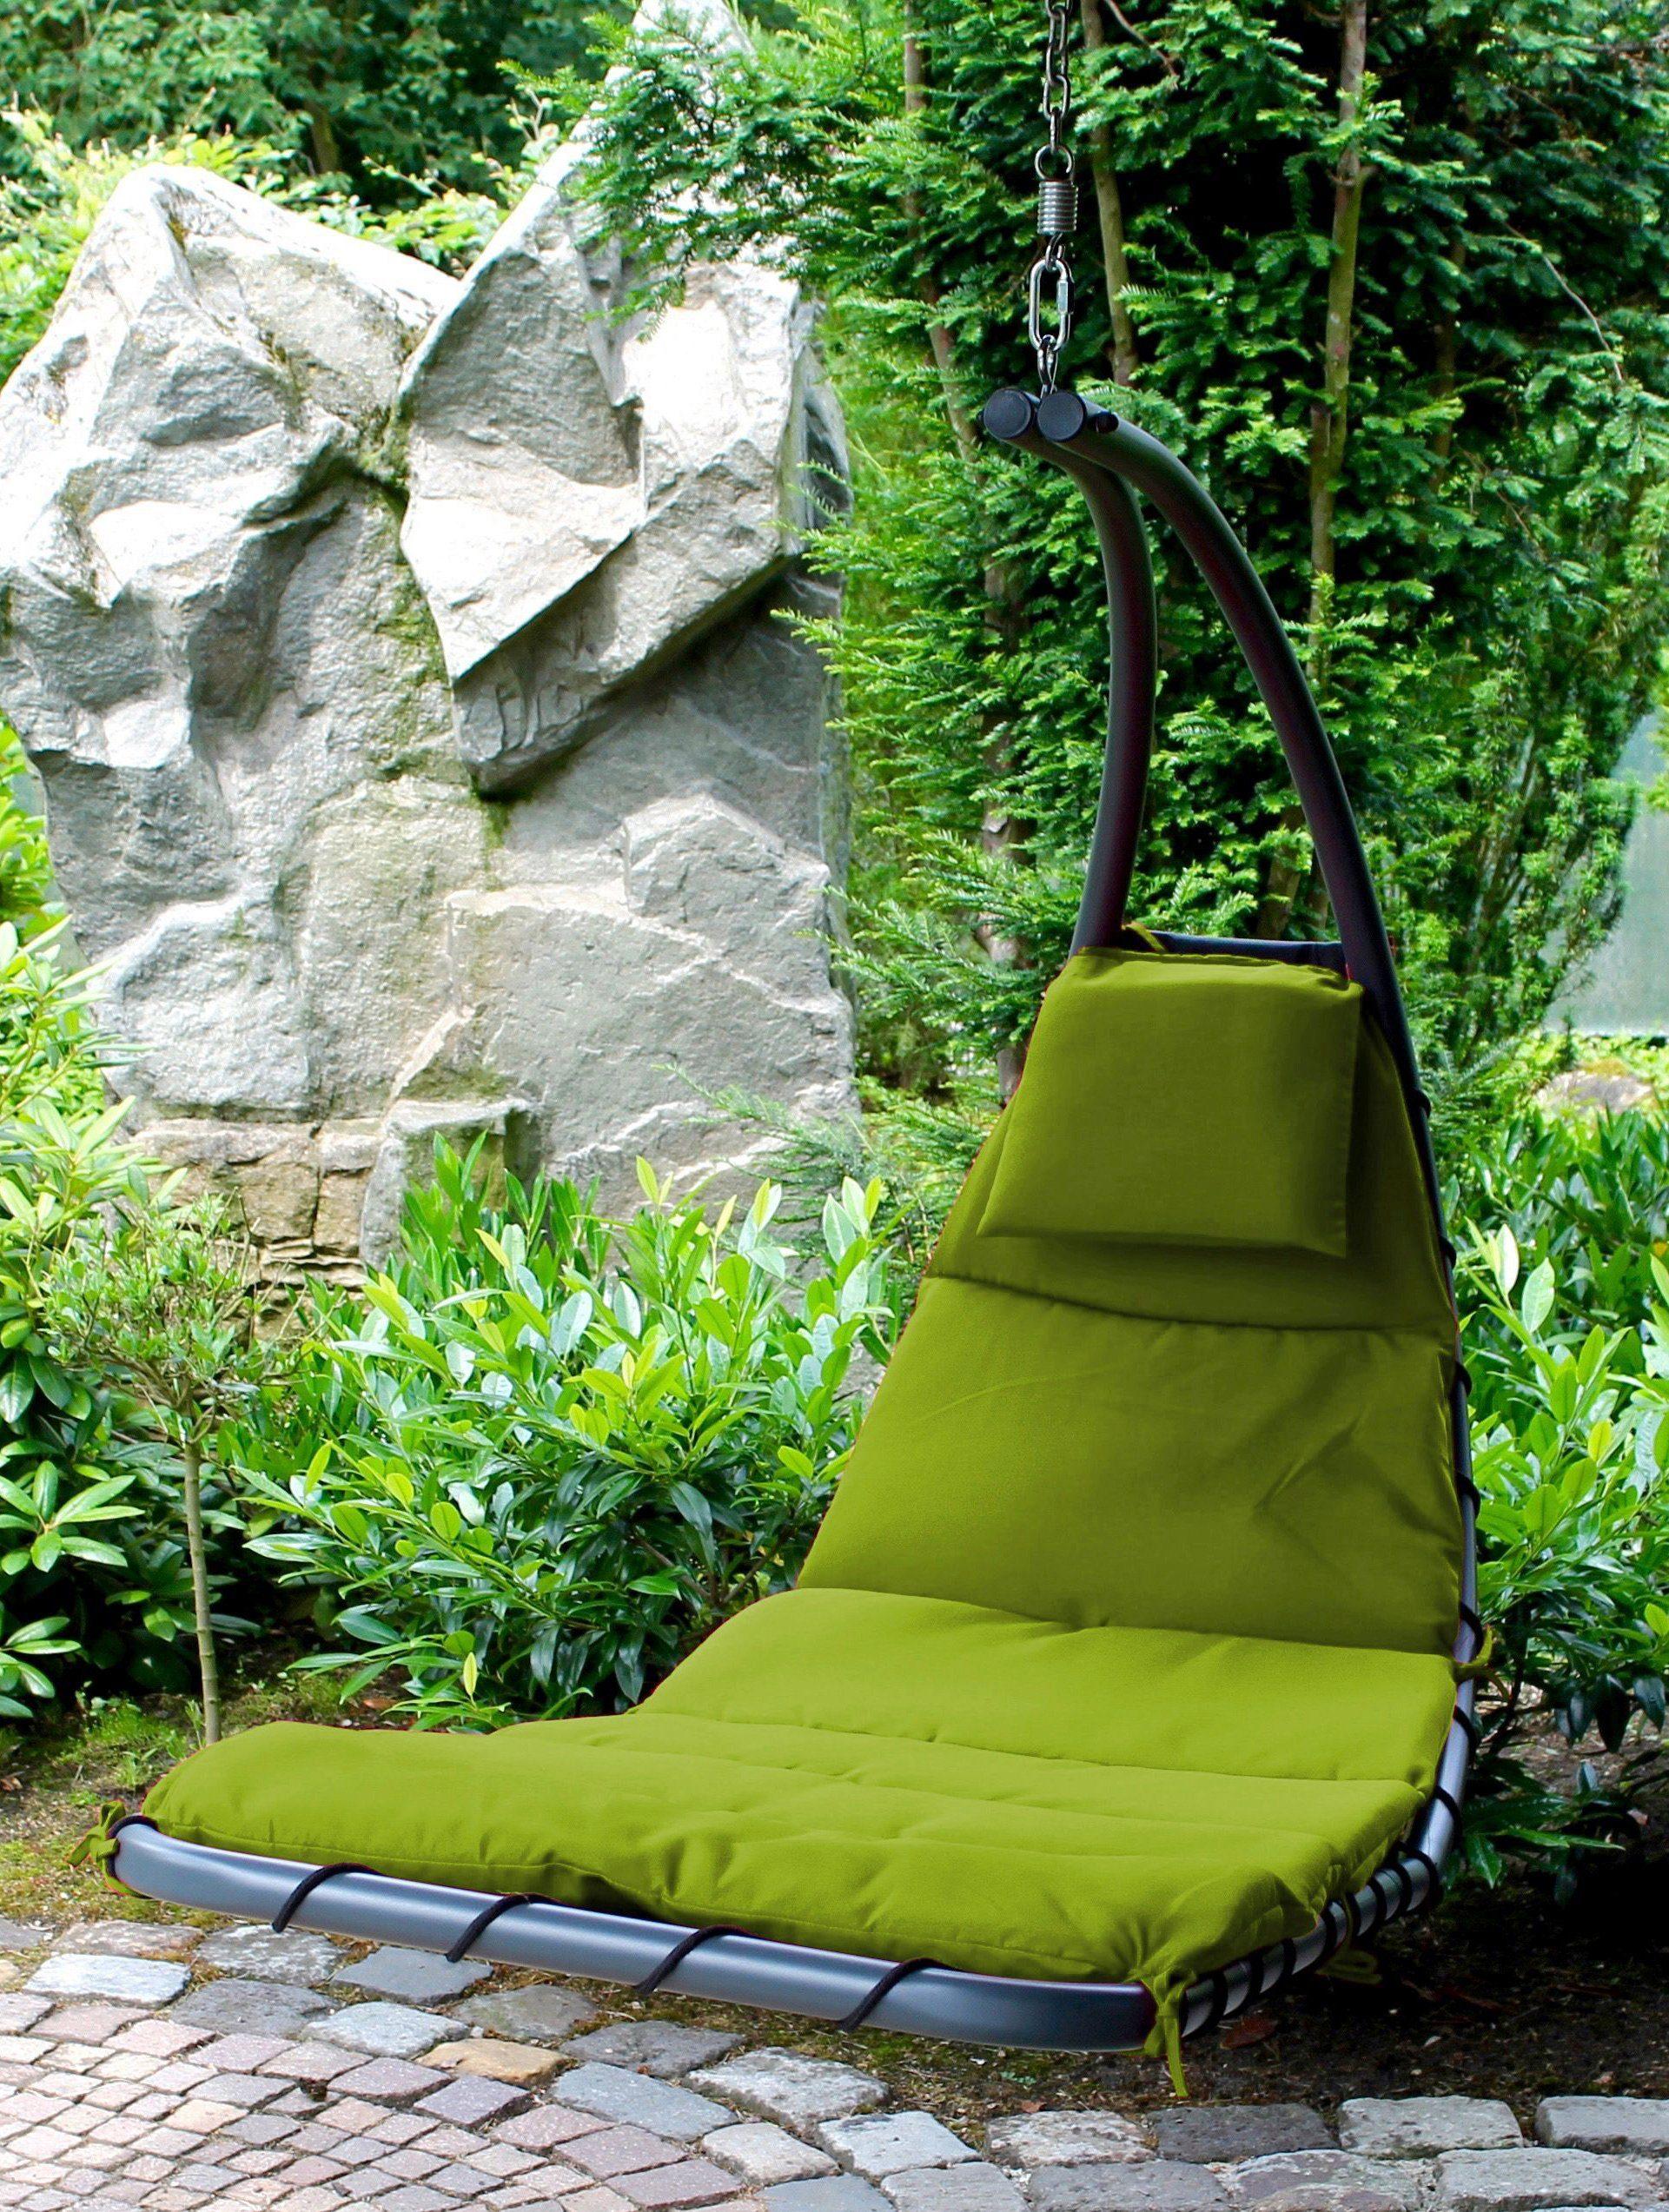 LECO Gartenliege »Hängeliege Dream«, Stahl/Textil, grün, inkl. Auflage